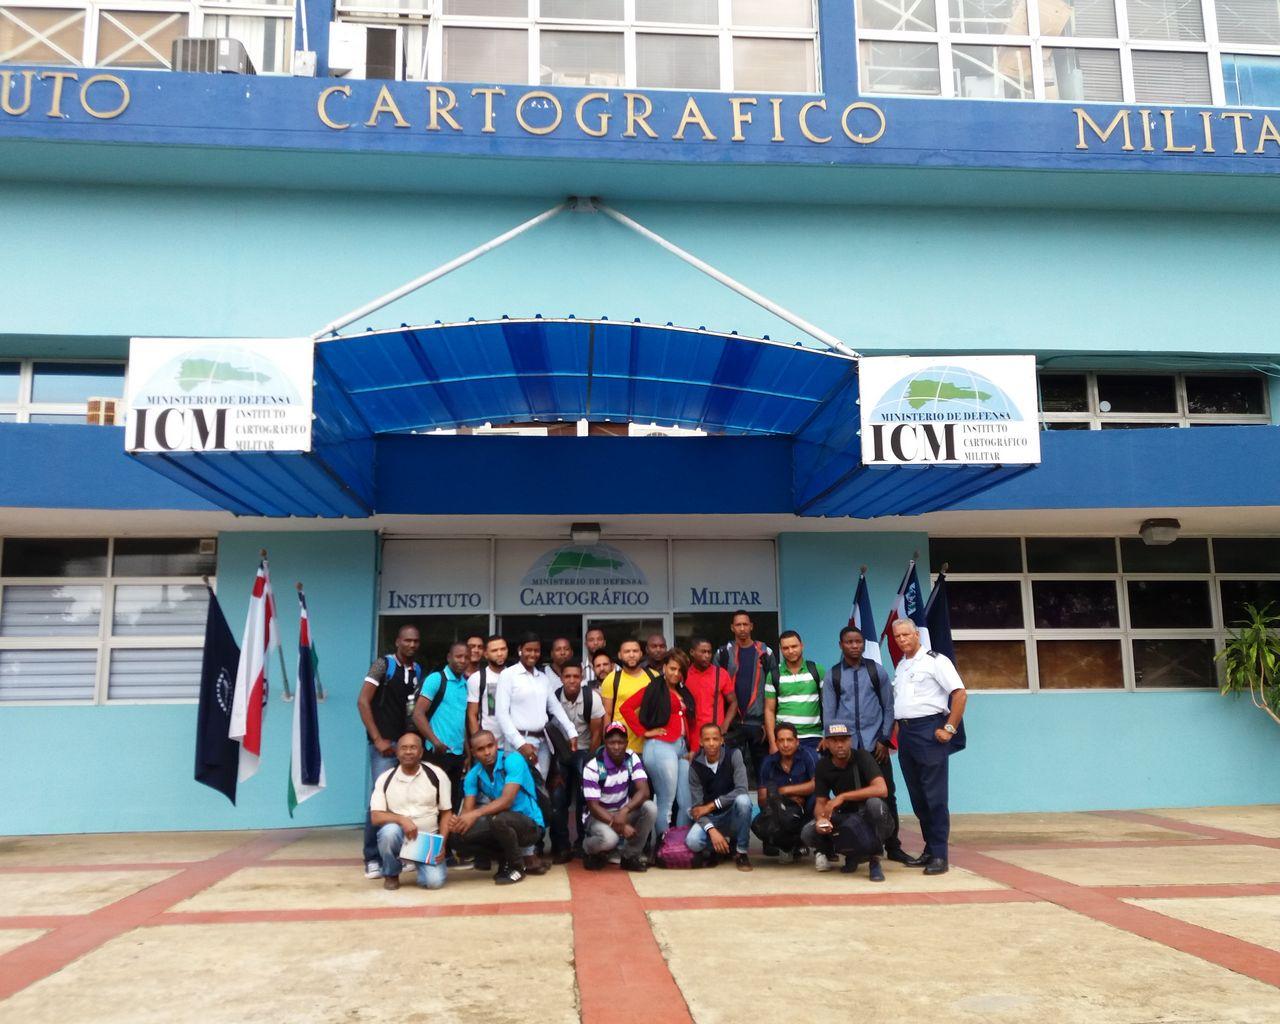 Visita de la Universidad Nacional Evangélica al Instituto Cartográfico Militar